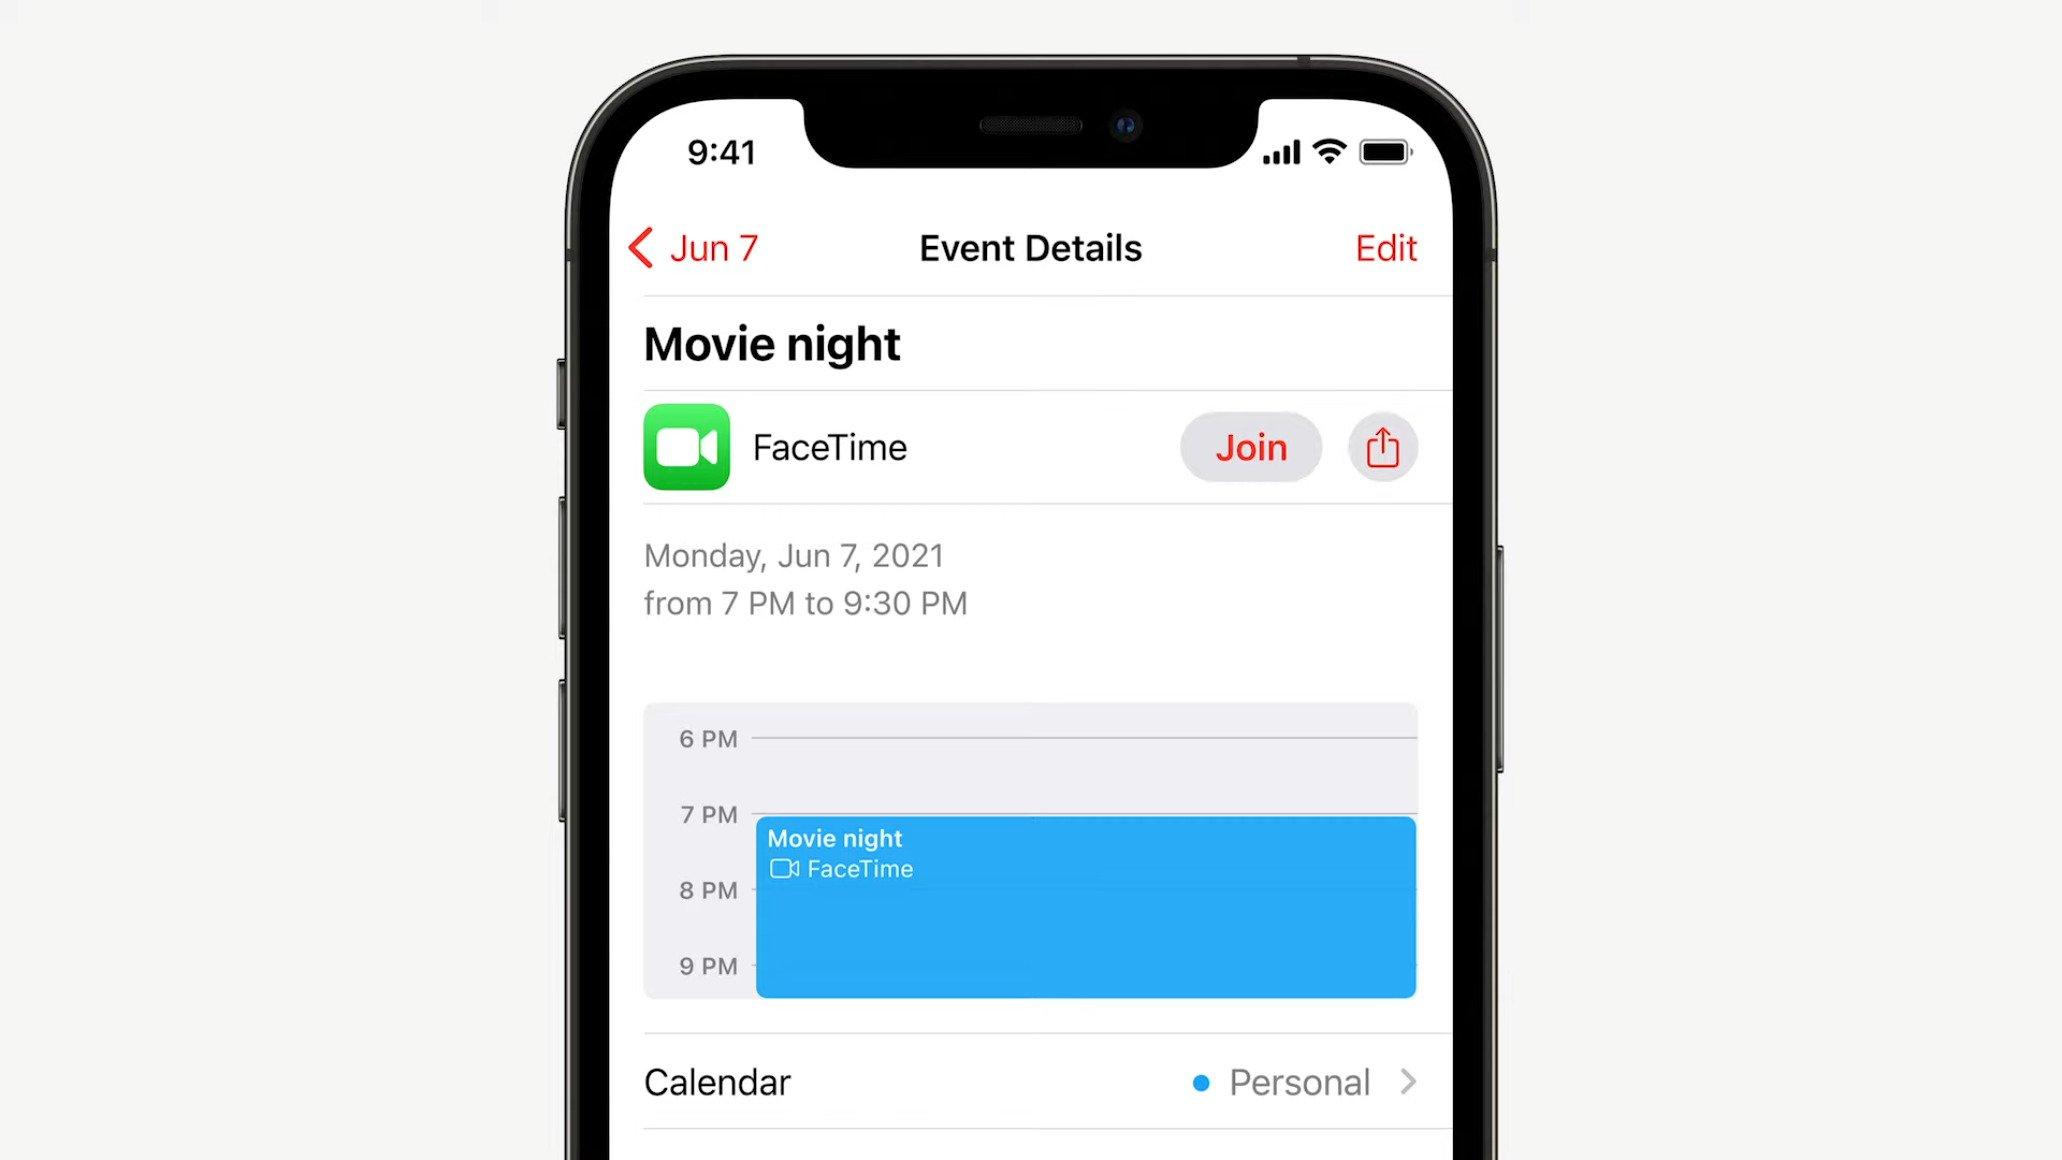 présentation du lien permettant de rejoindre une conversation FaceTime depuis l'application calendrier